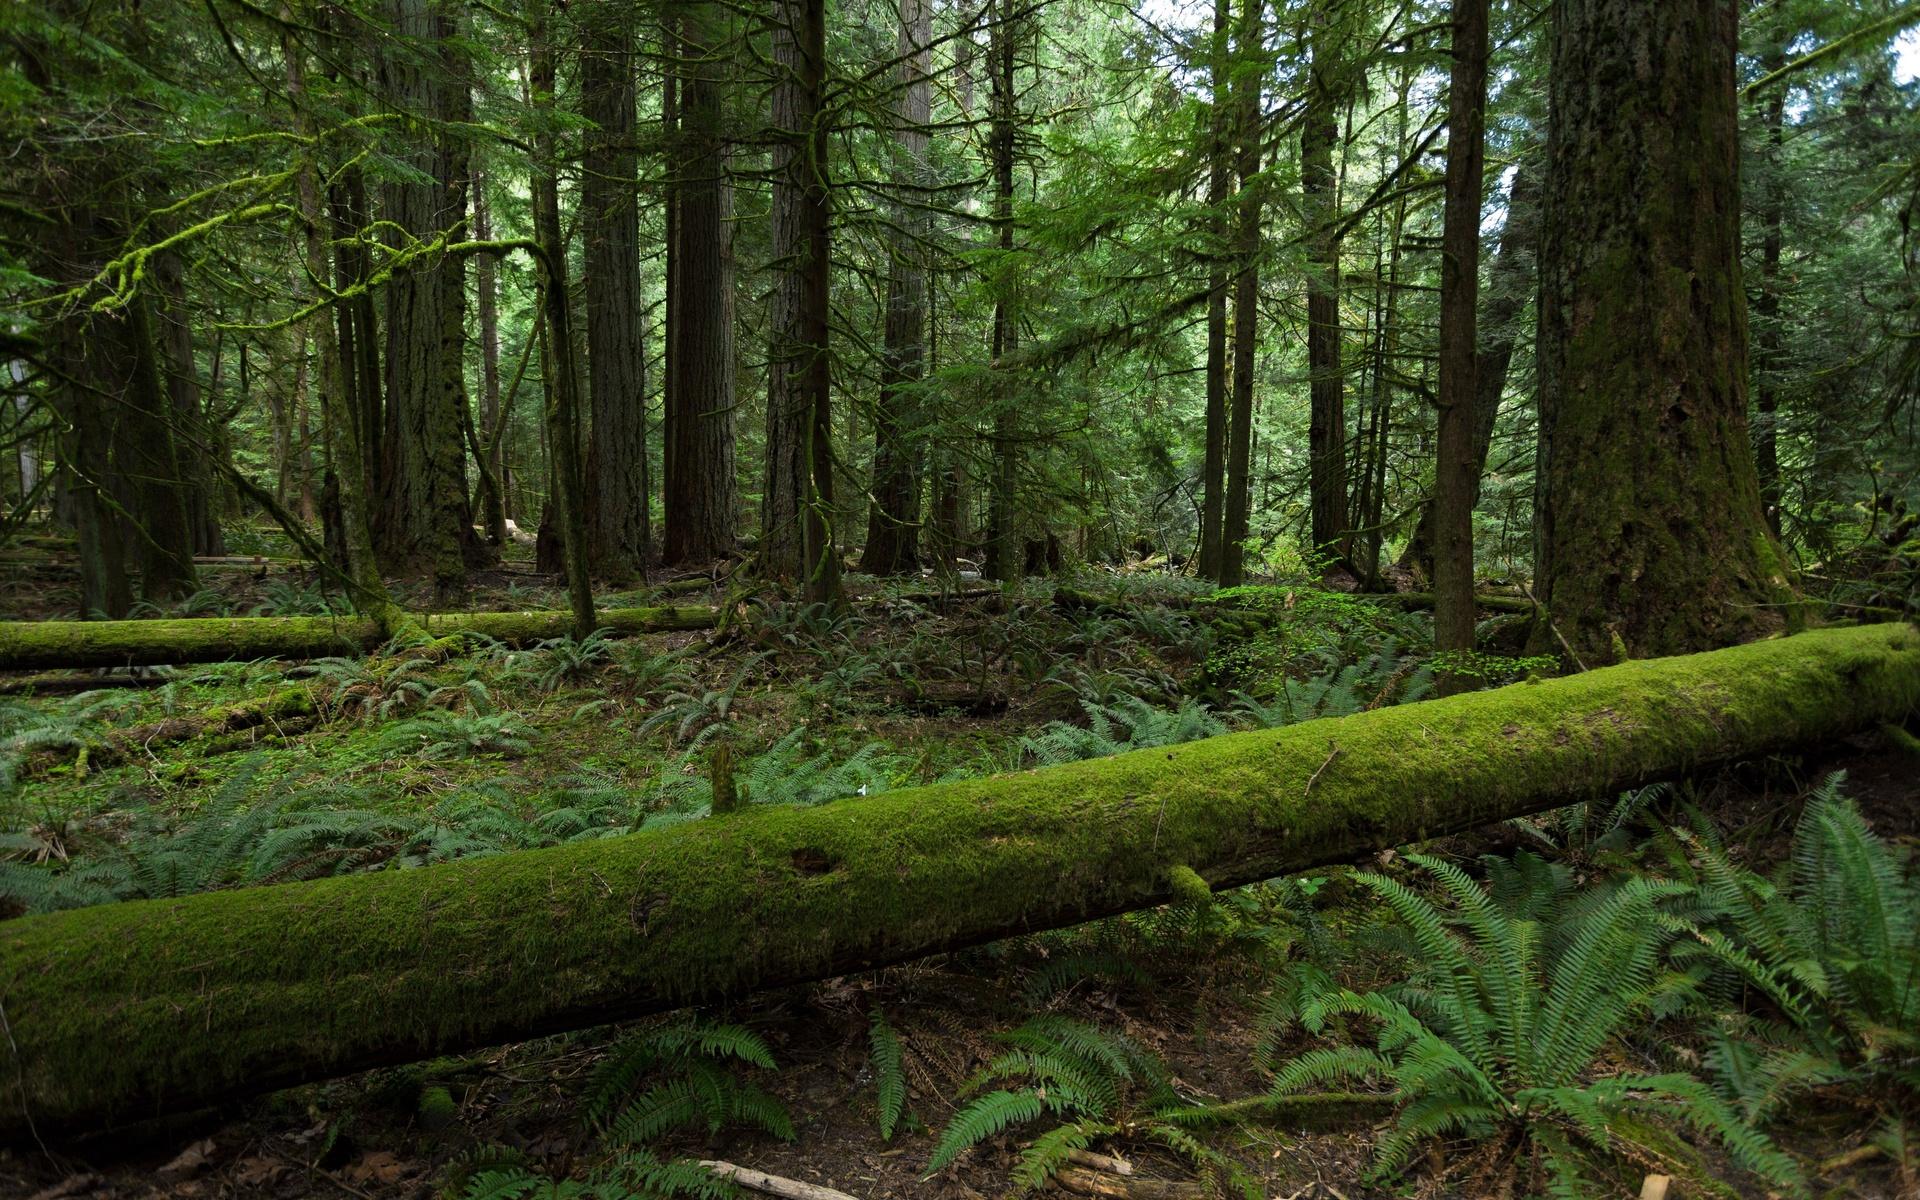 forest wallpaper moss green